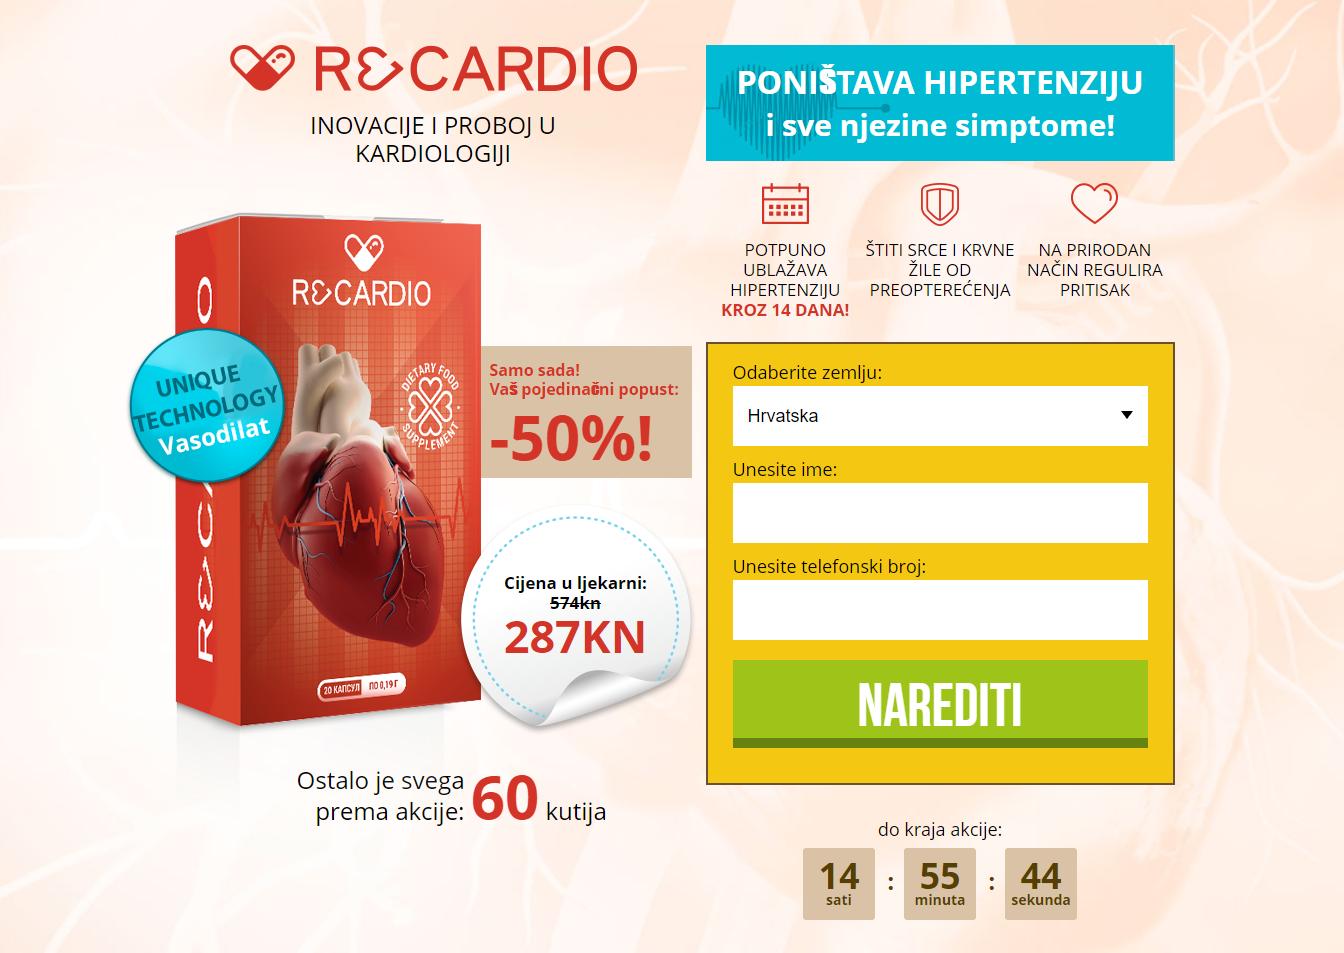 hipertenzija hemodinamski